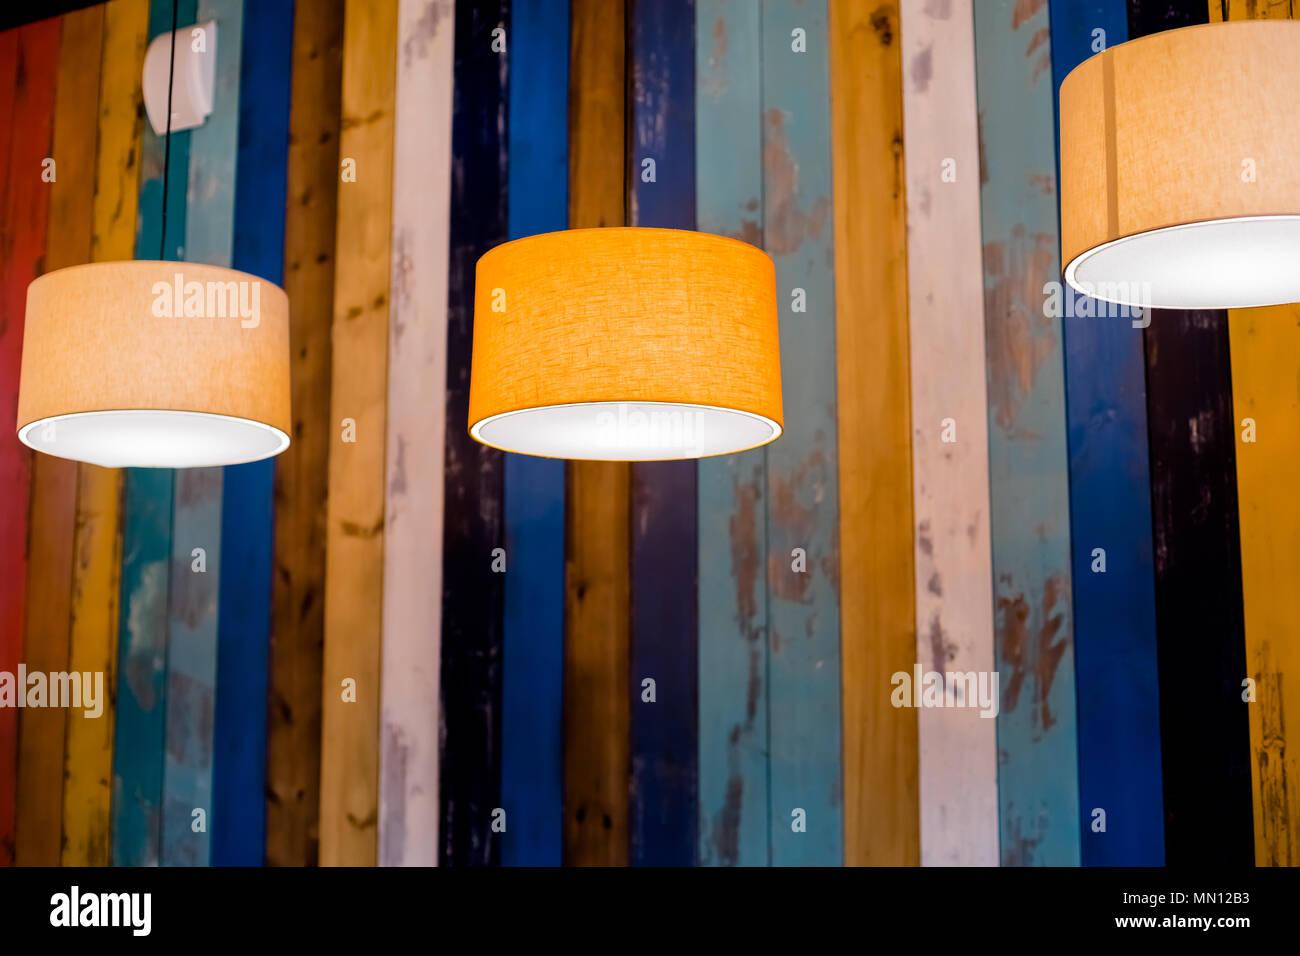 Lampe Kreis Orange. Abgehängte Decke Lampe. Moderne, Retro Pendelleuchte  Mit Vintage Glühbirne.